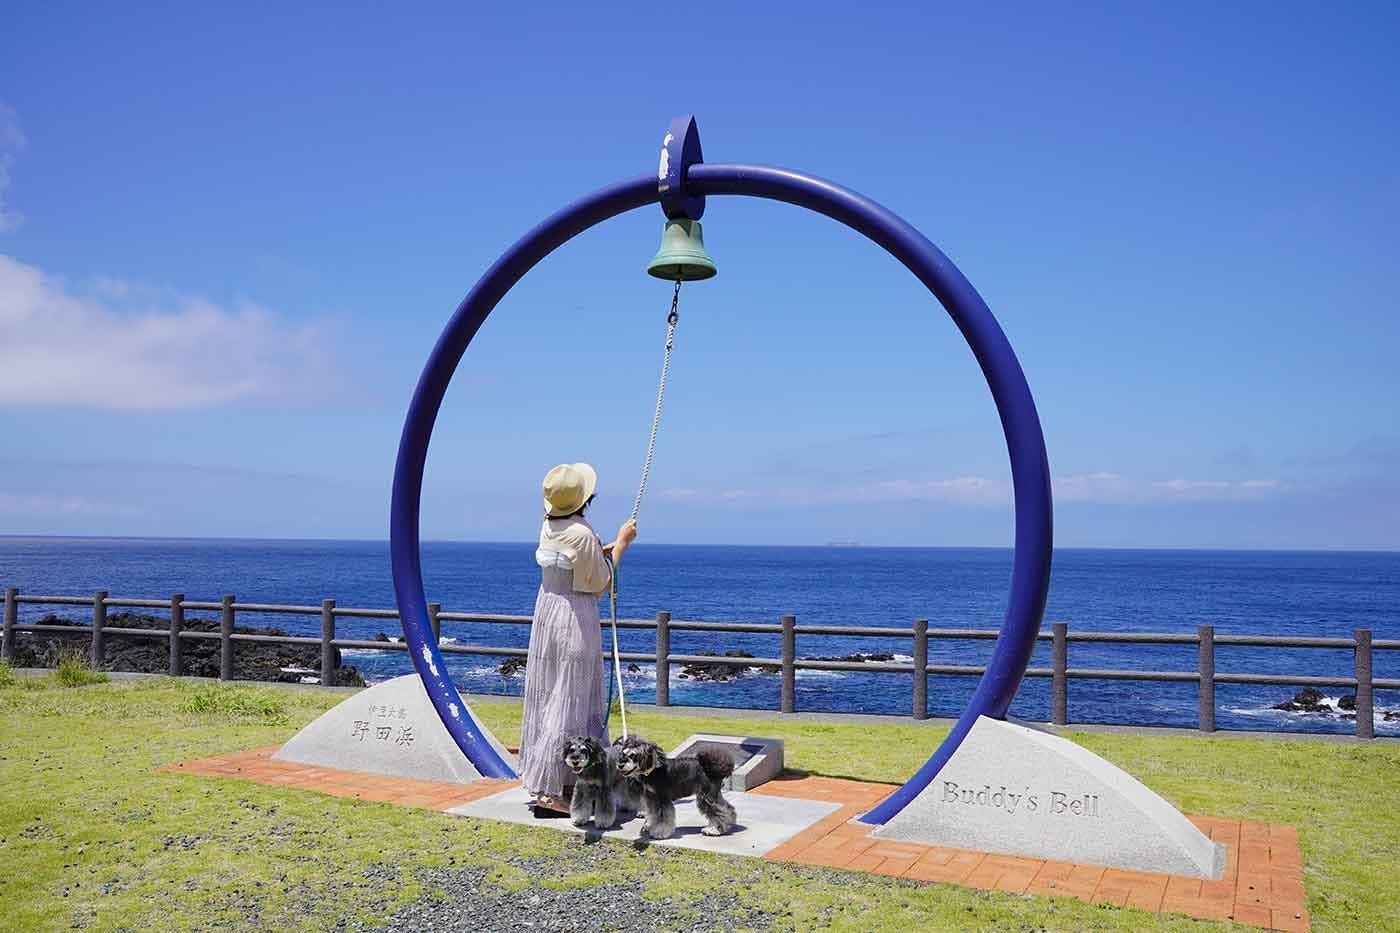 【離島withDOG】愛犬と離島に船旅へ!伊豆大島に愛犬と泊まれる貸別荘『ASOVILUX』がOPEN